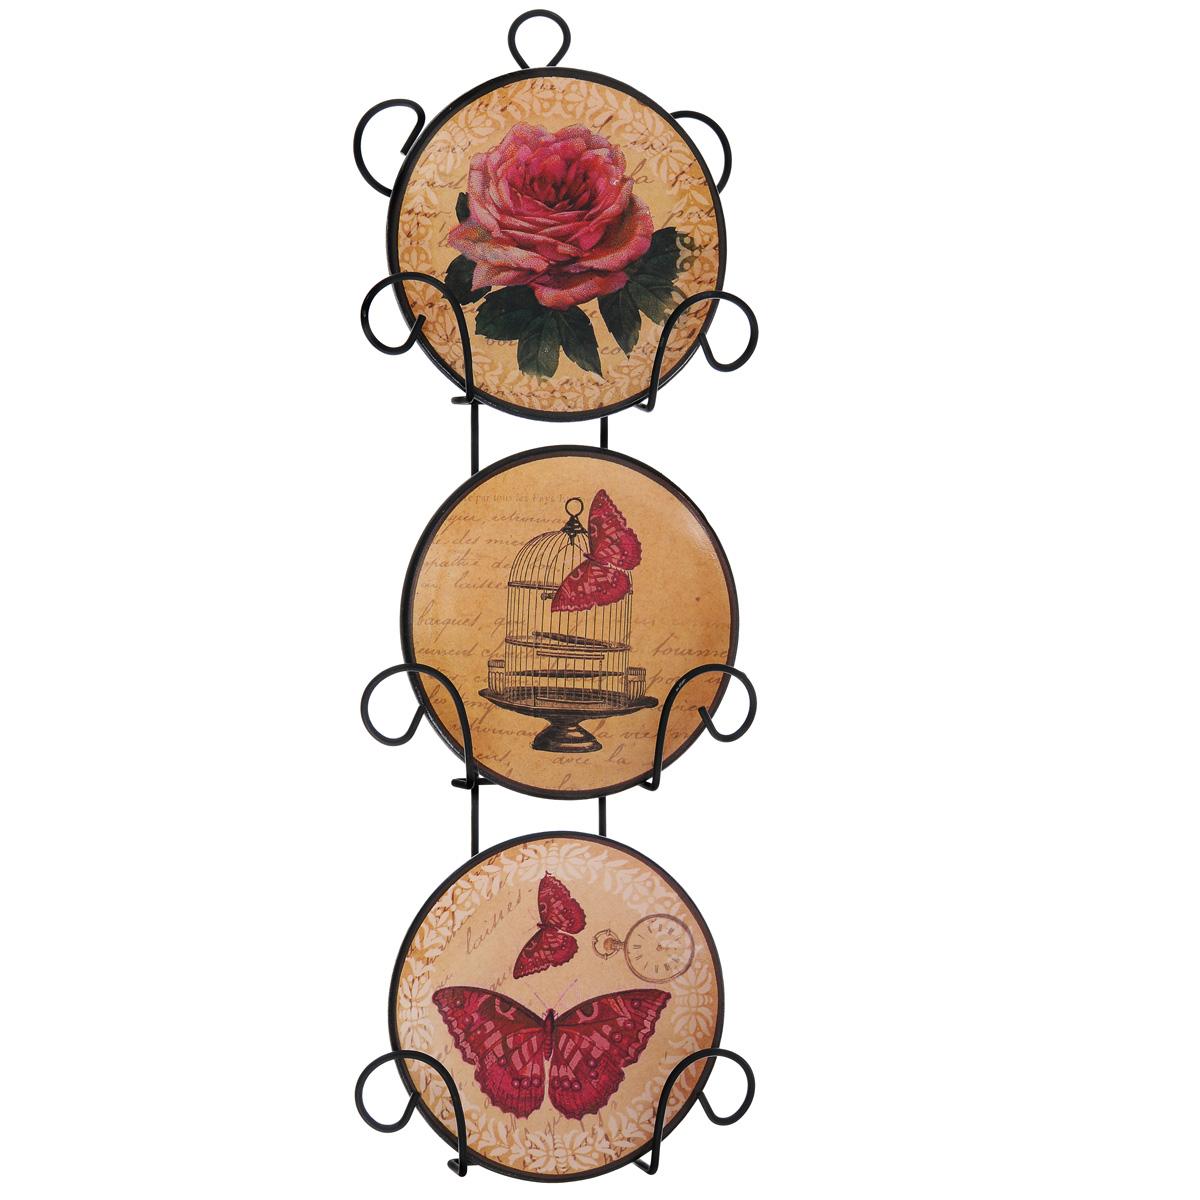 Набор декоративных тарелок Бабочки, диаметр 10 см, 3 шт36256Набор из трех декоративных тарелок с ярким рисунком украсят практически любое ваше помещение, будь то кухня, столовая, гостиная, холл и будут являться необычным дизайнерским решением. Тарелки выполнены из доломитовой керамики, подставка в виде вертикальной этажерки, благодаря которой сувенир удобно и быстро крепится к стене, - из черного металла. Каждая тарелочка, декорированная изображениями розы, клетки и бабочек, помещается в отдельную нишу. Очаровательный набор декоративных тарелок - замечательный подарок друзьям и близким людям.